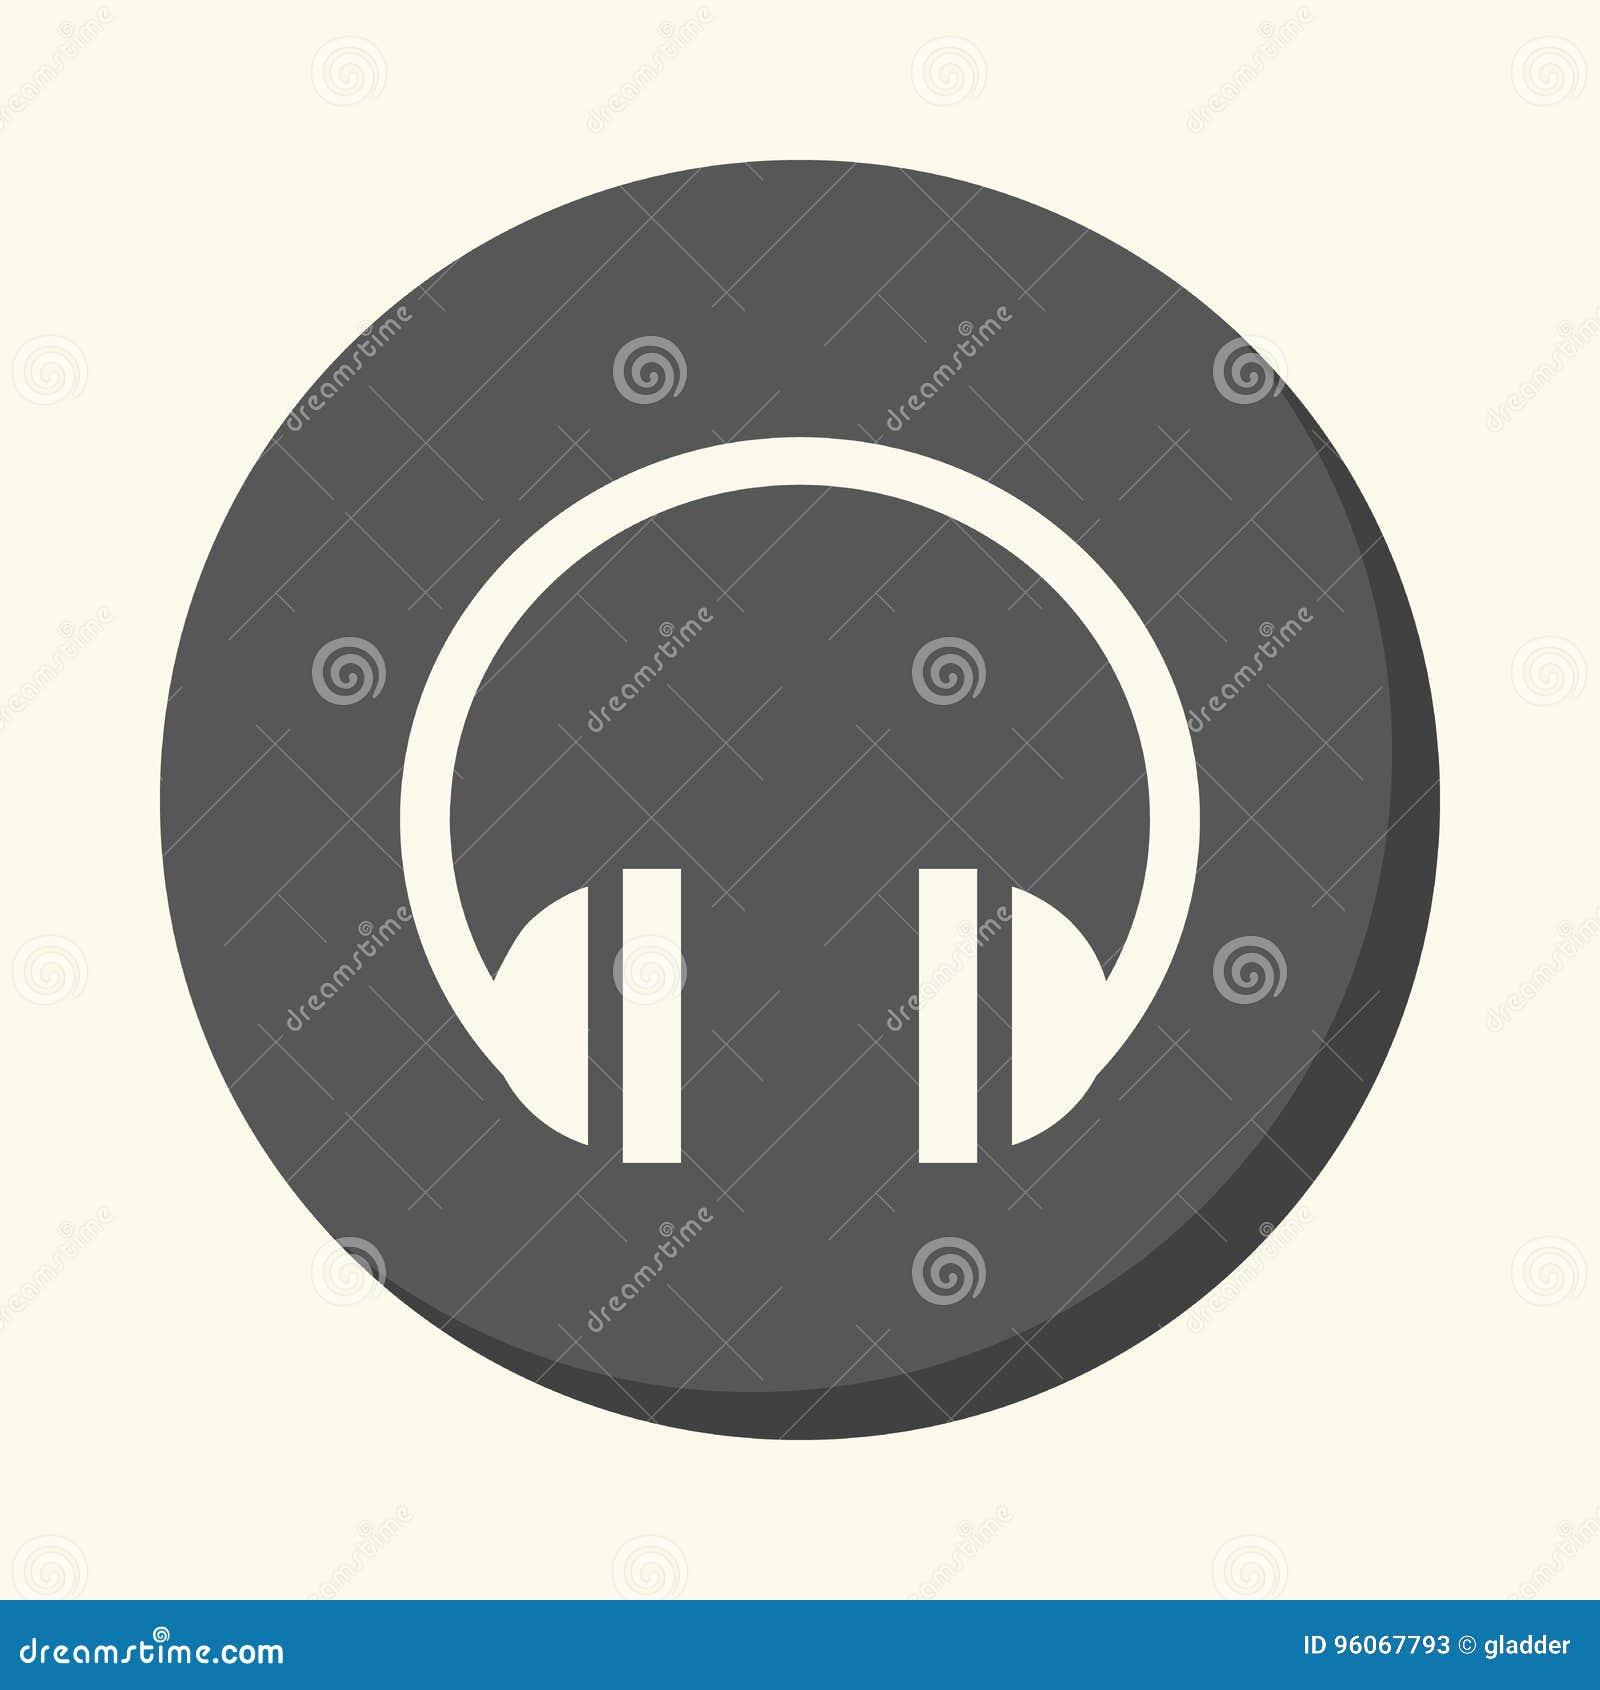 Correcte hoofdtelefoons, een rond pictogram met de illusie van volume, een eenvoudige kleurenverandering